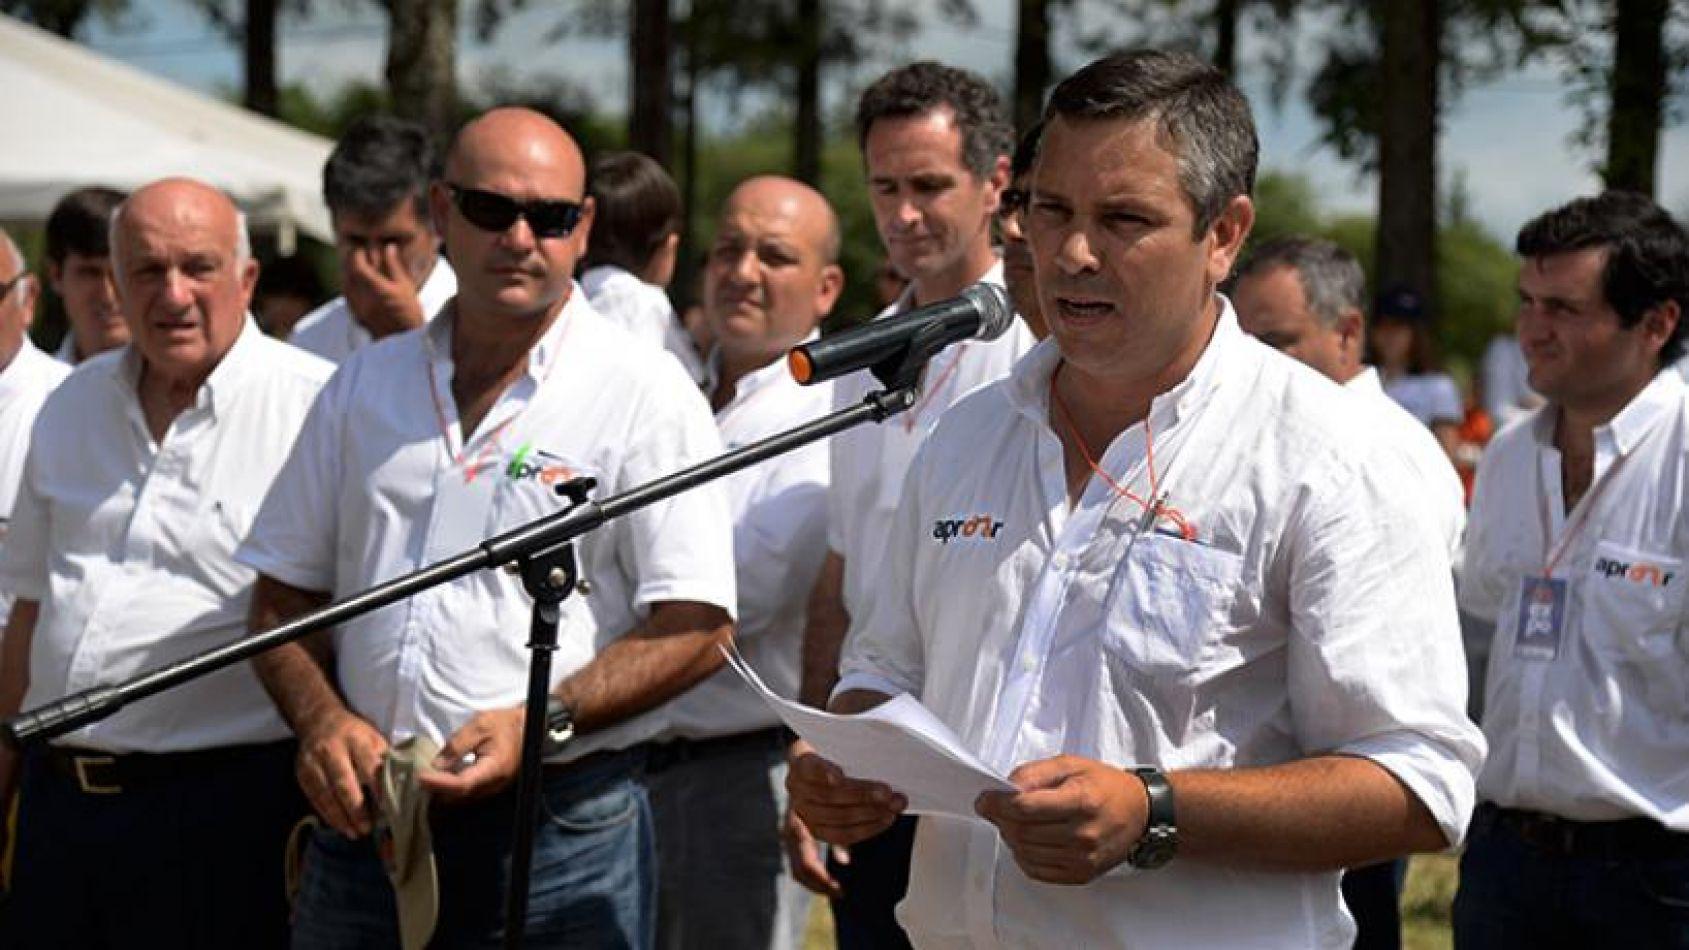 Foto: El Tucumano. Gonzalo Blasco ante el micrófono en un evento de Apronor